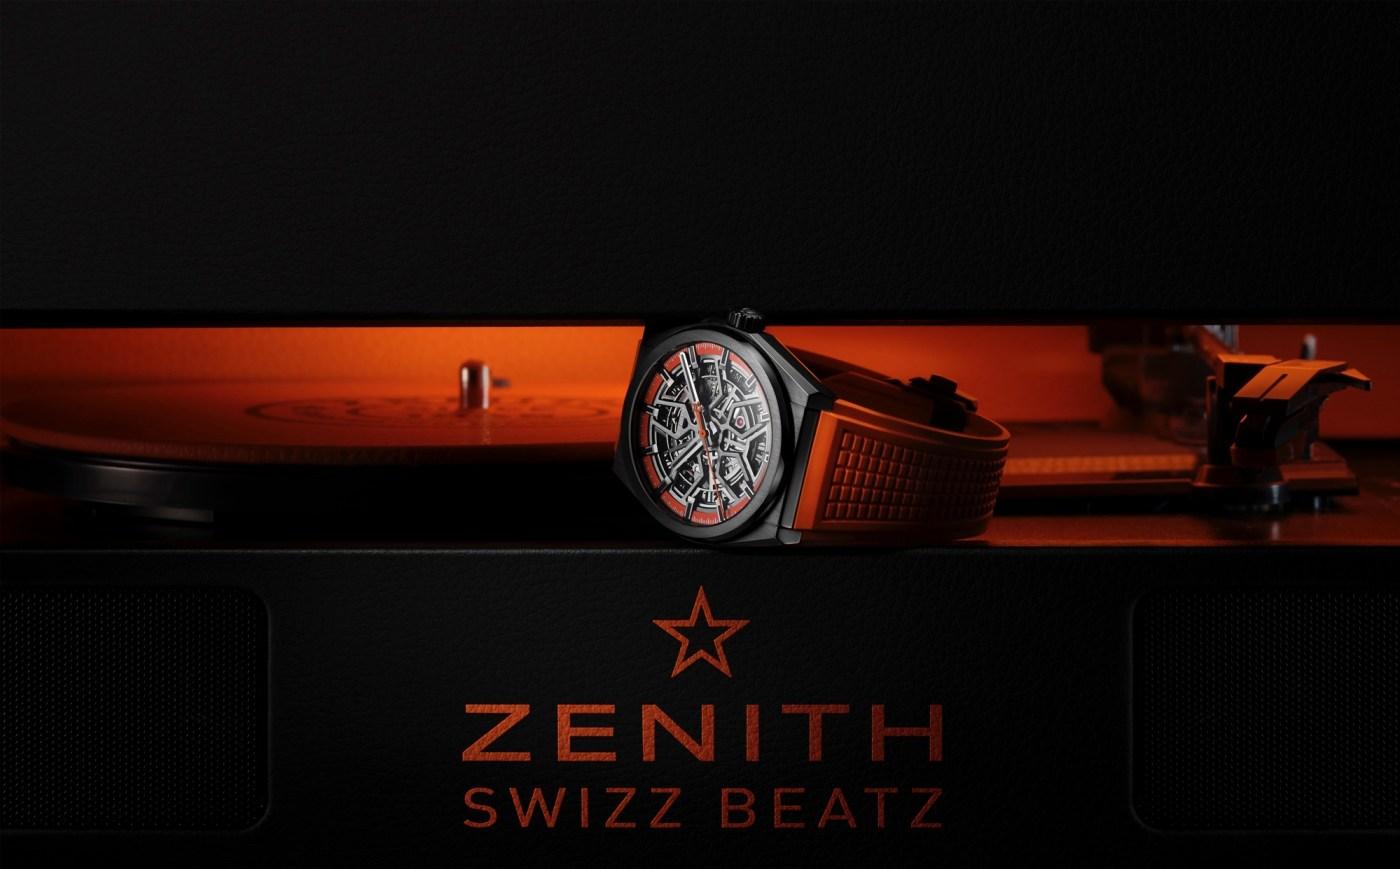 Defy Classic Swizz Beatz Edition